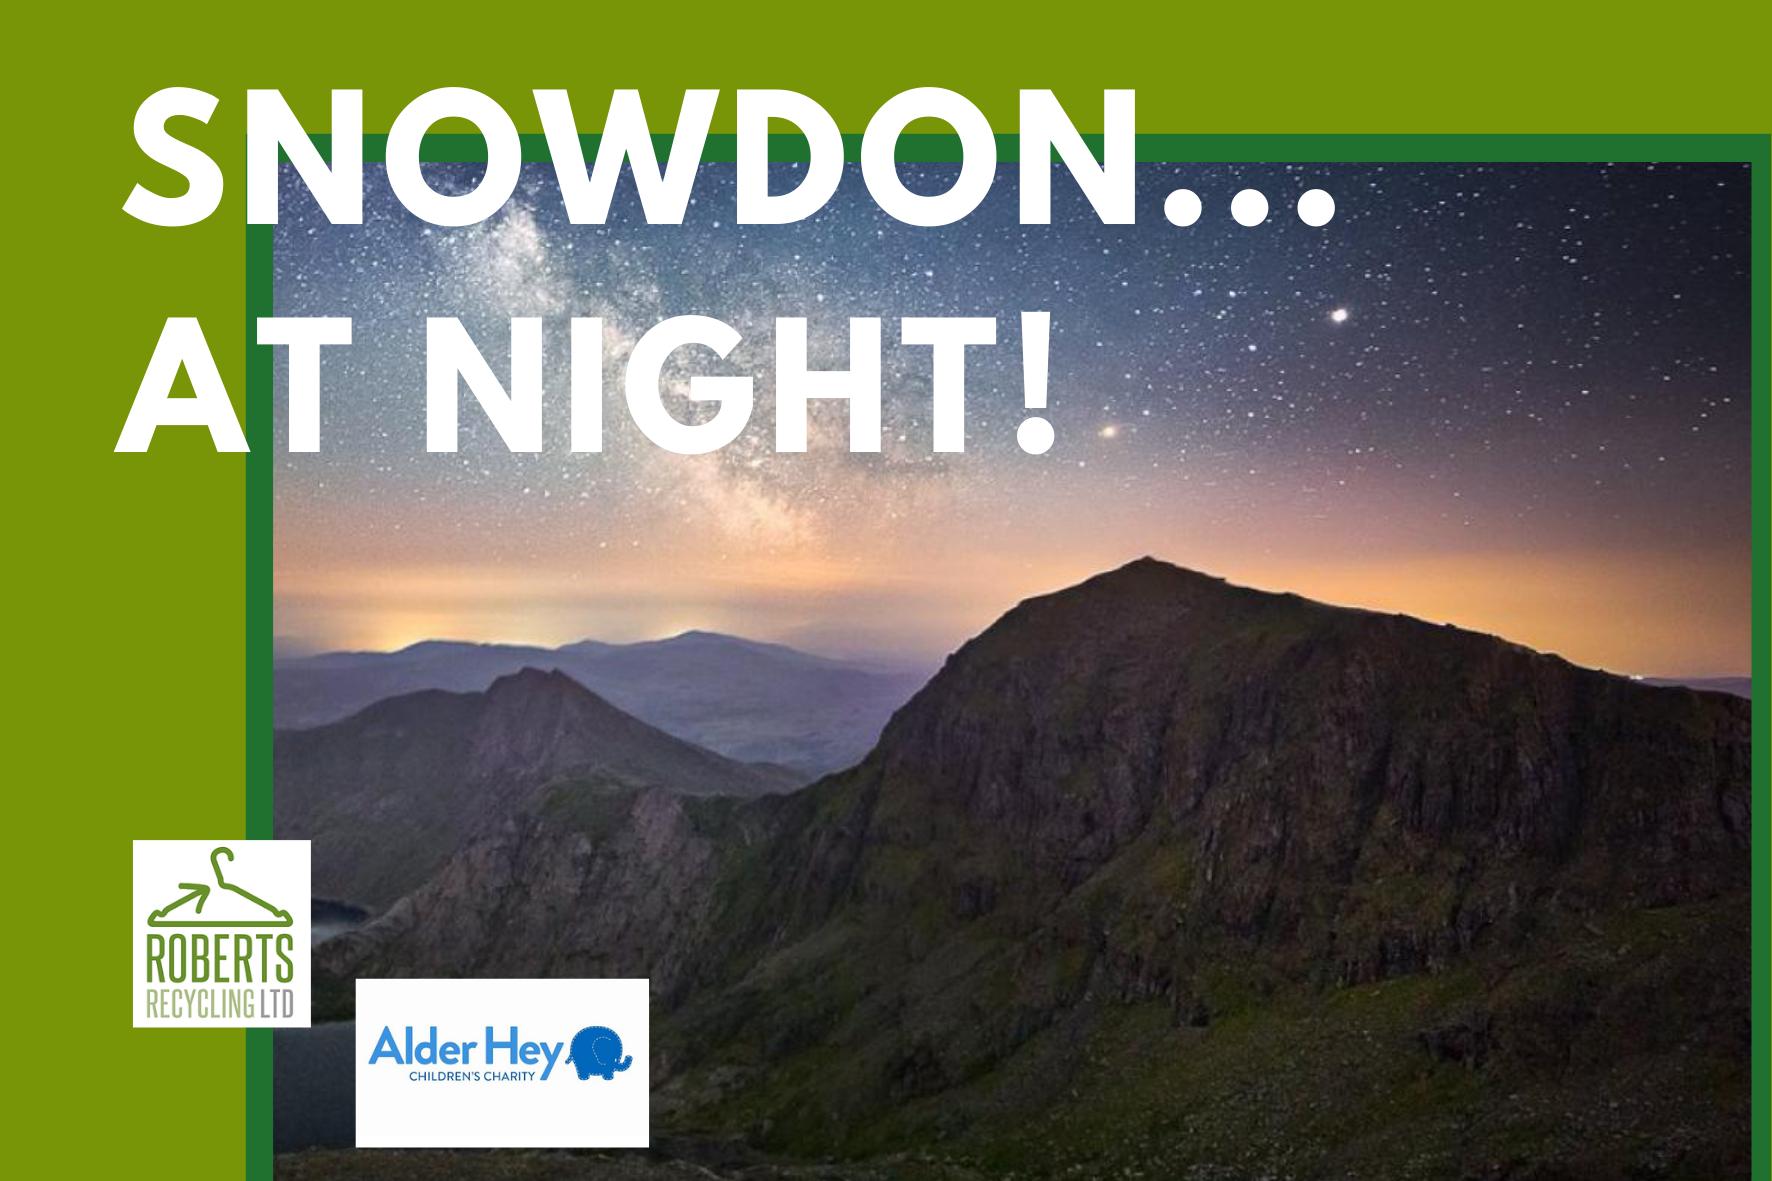 Snowdon With Alder Hey